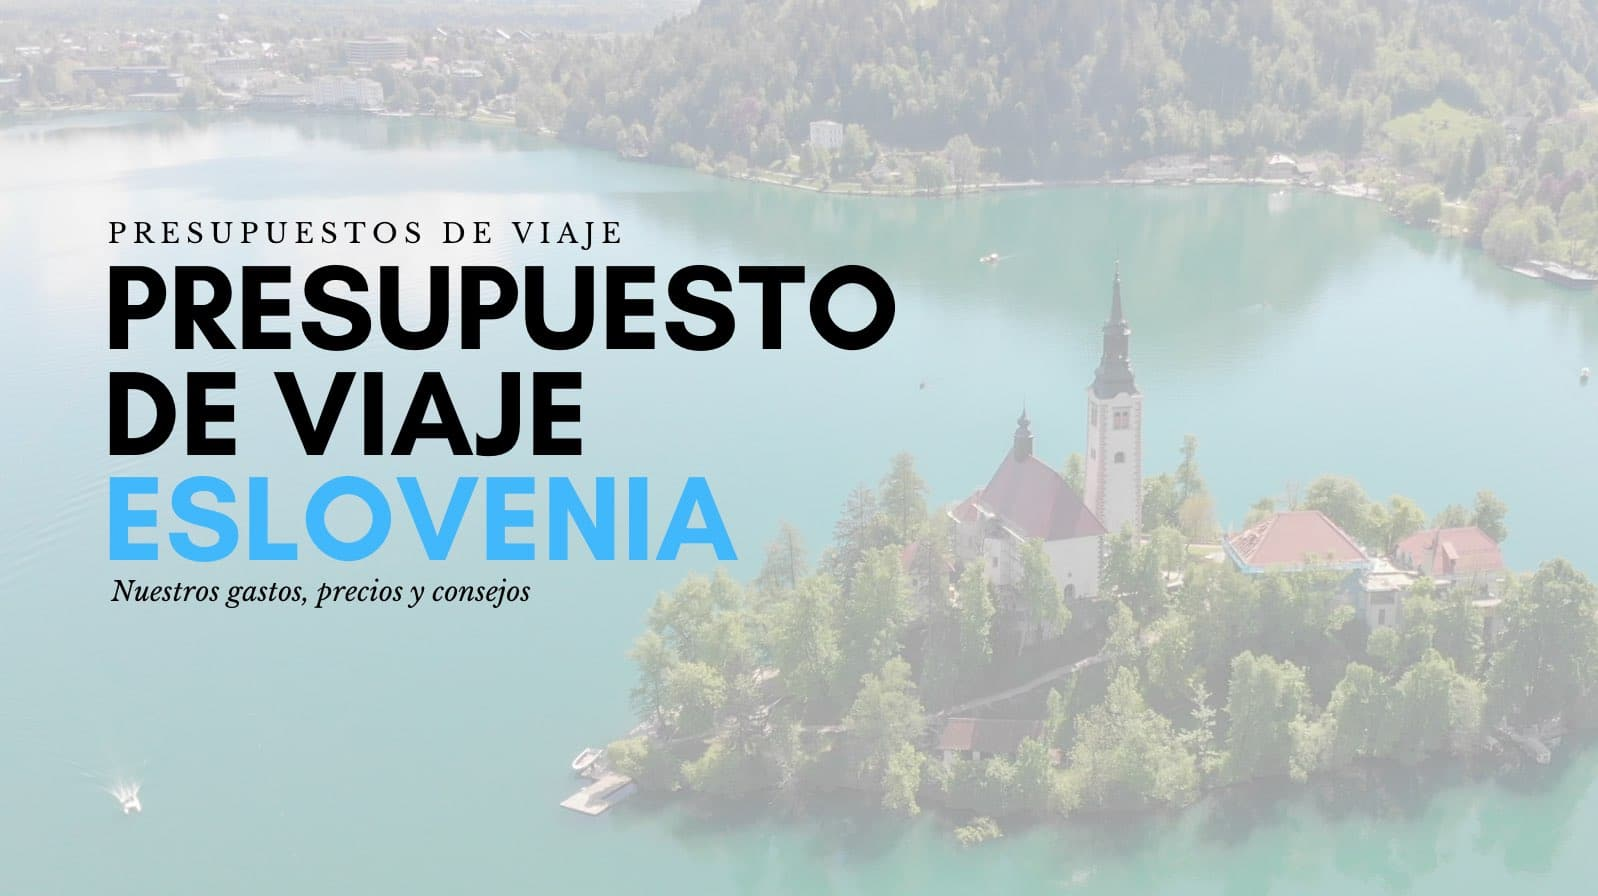 presupuesto de viaje eslovenia